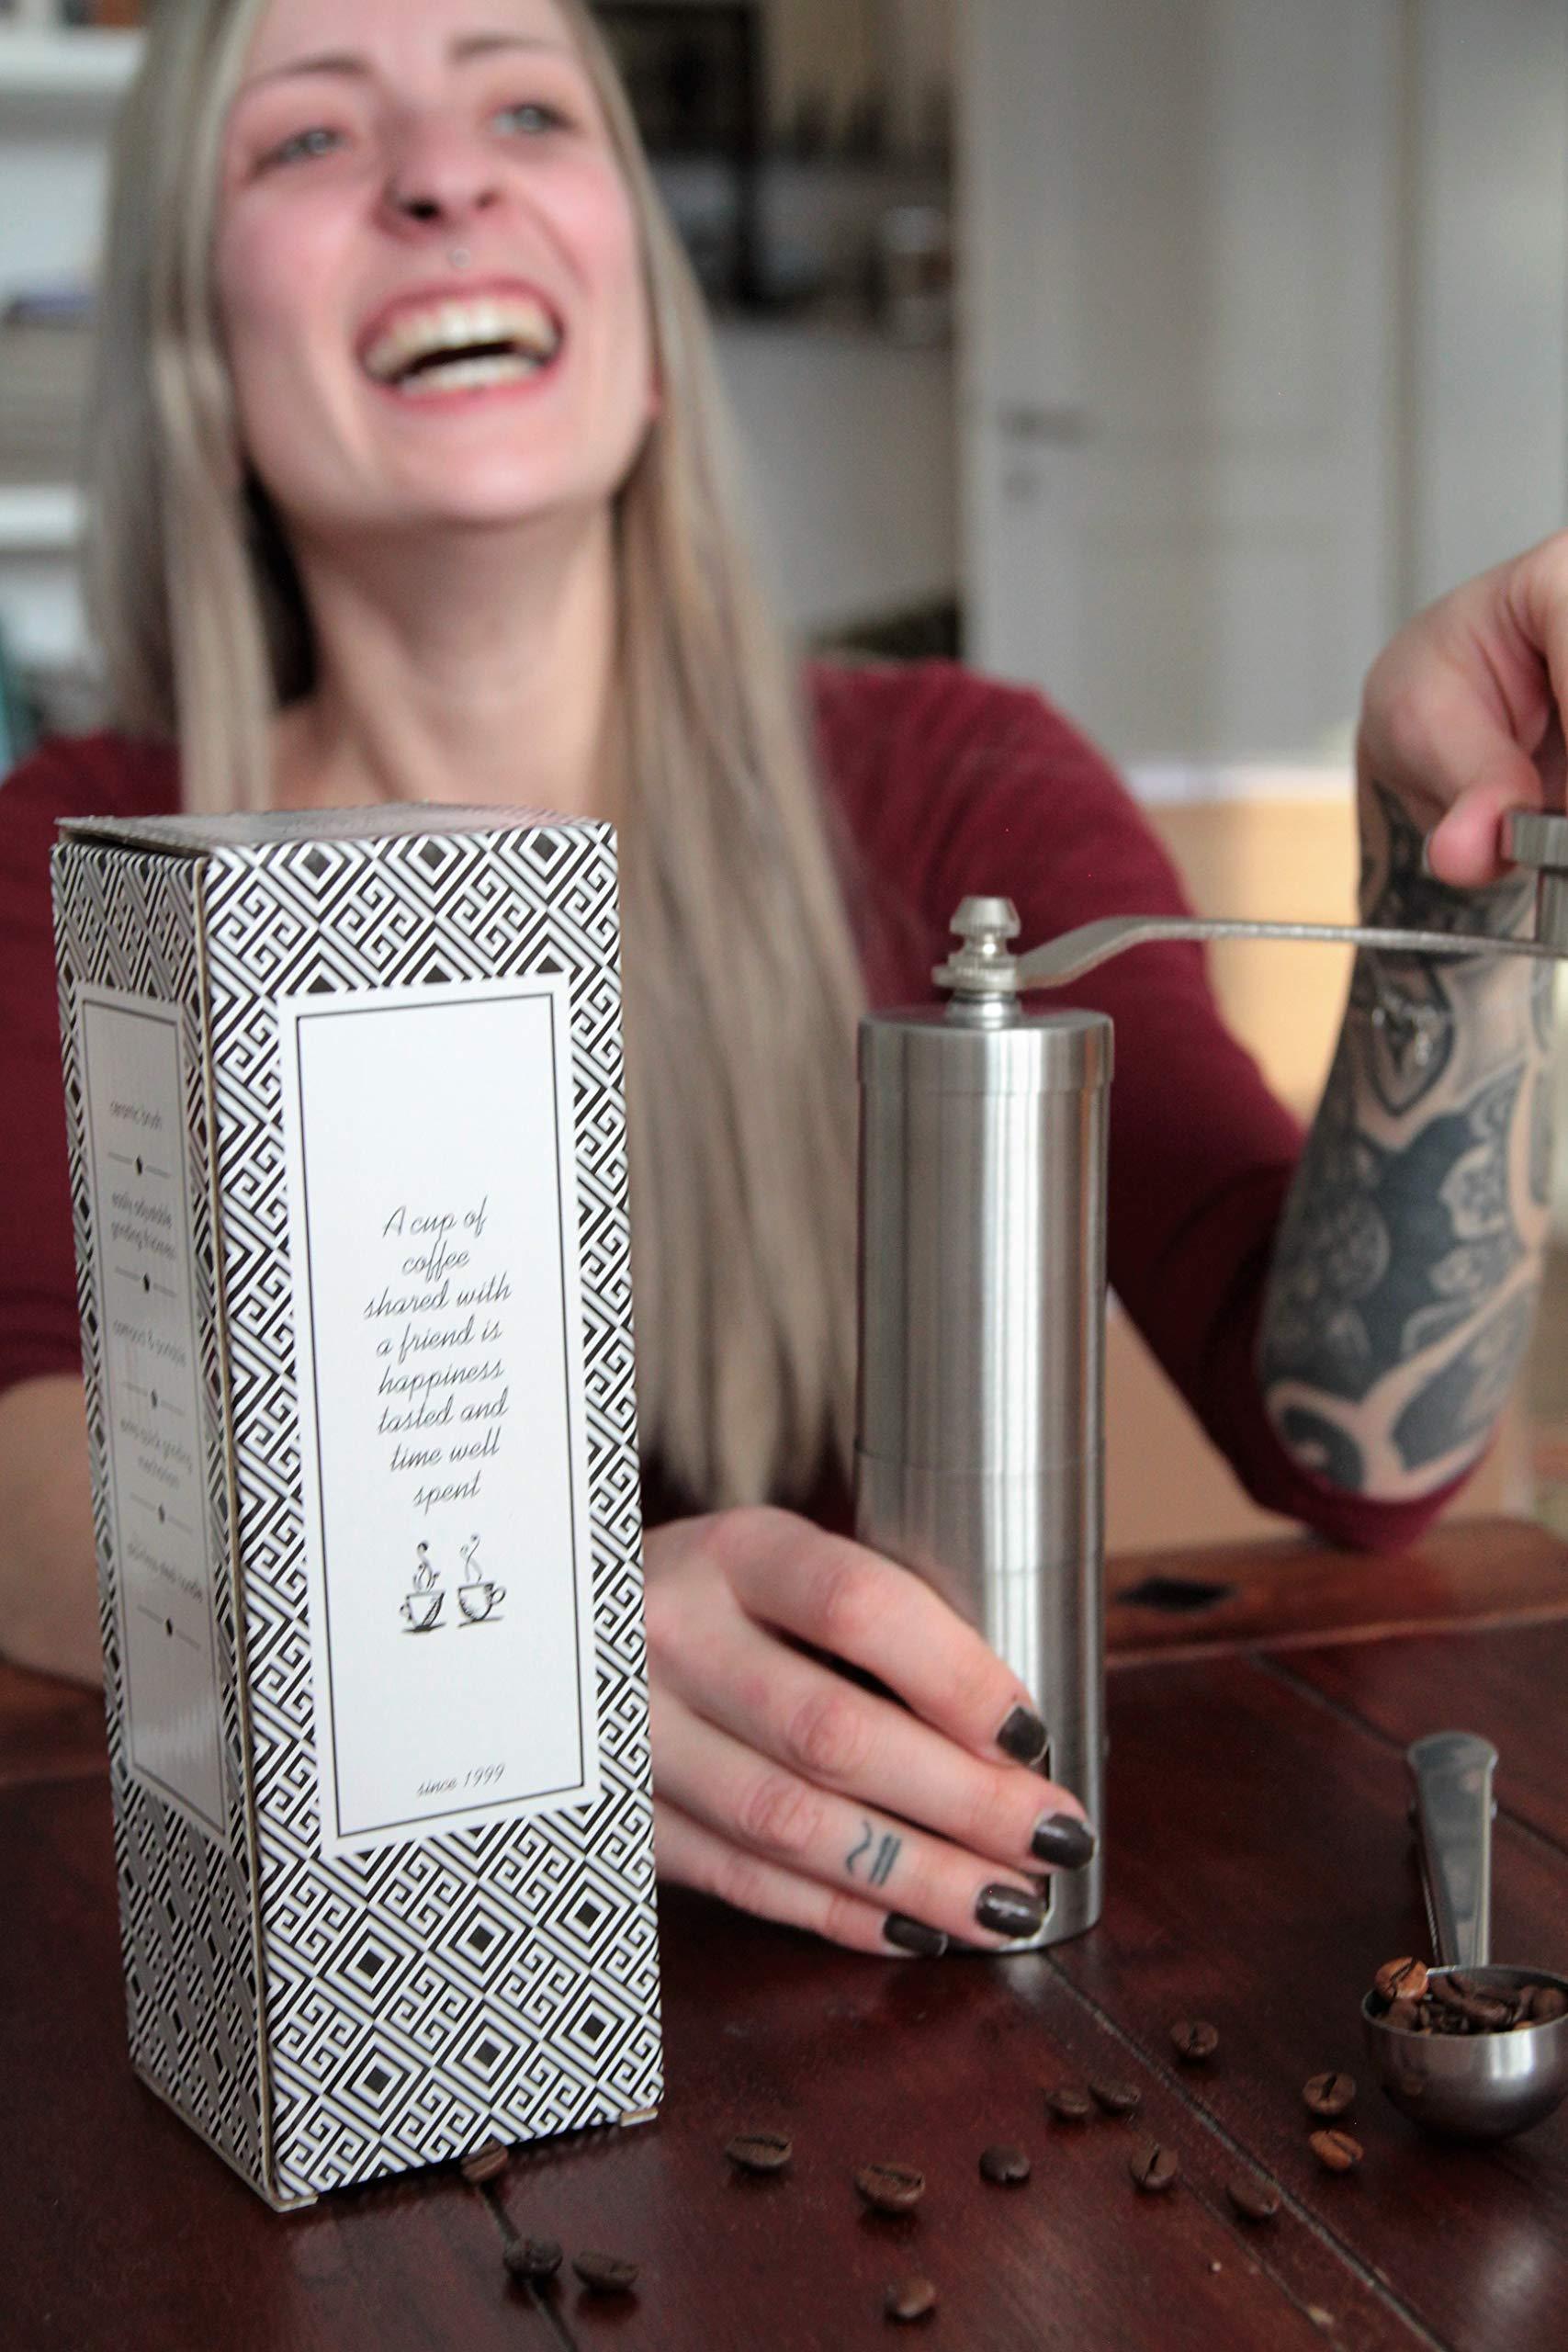 Mokkalov Manuelle Kaffeemühle tragbare Handkaffeemühle mit Bürste Reise Camping